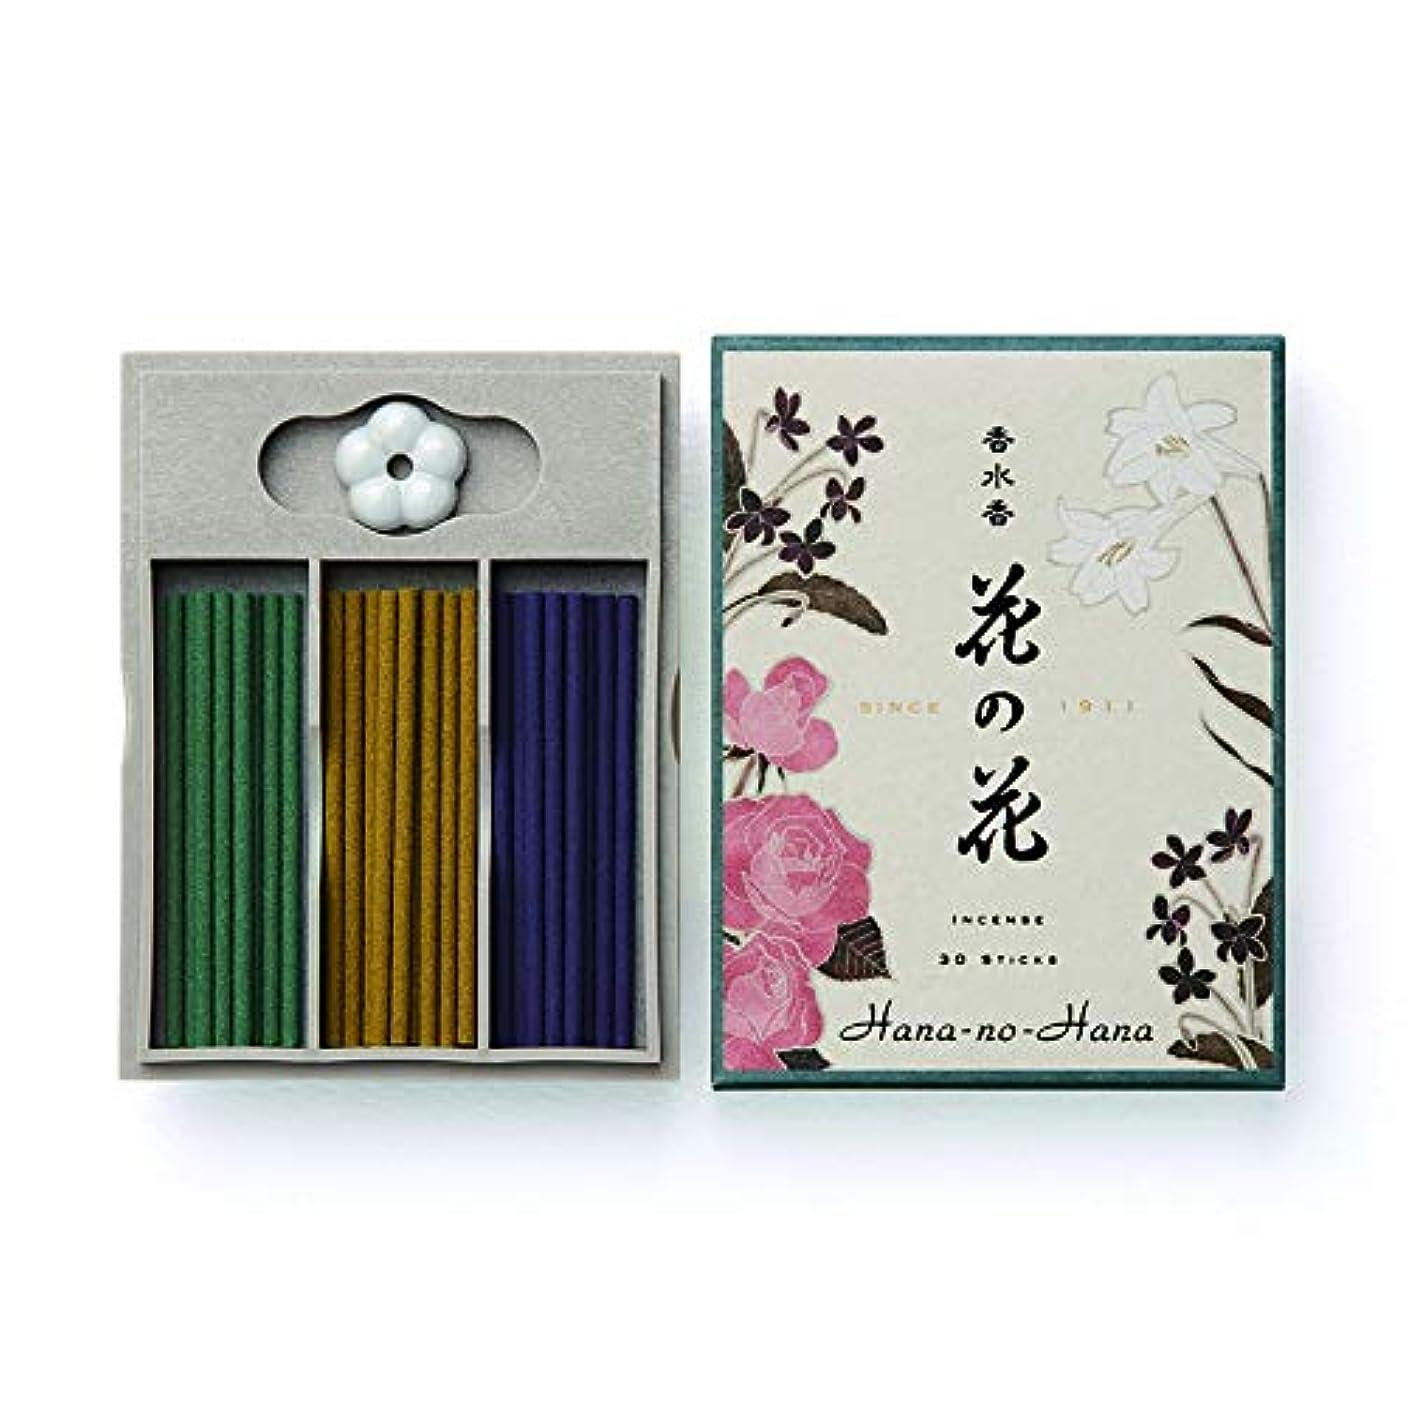 集計アカウントタイムリーなお香 香水香花の花 3種入 S30本入(30001)